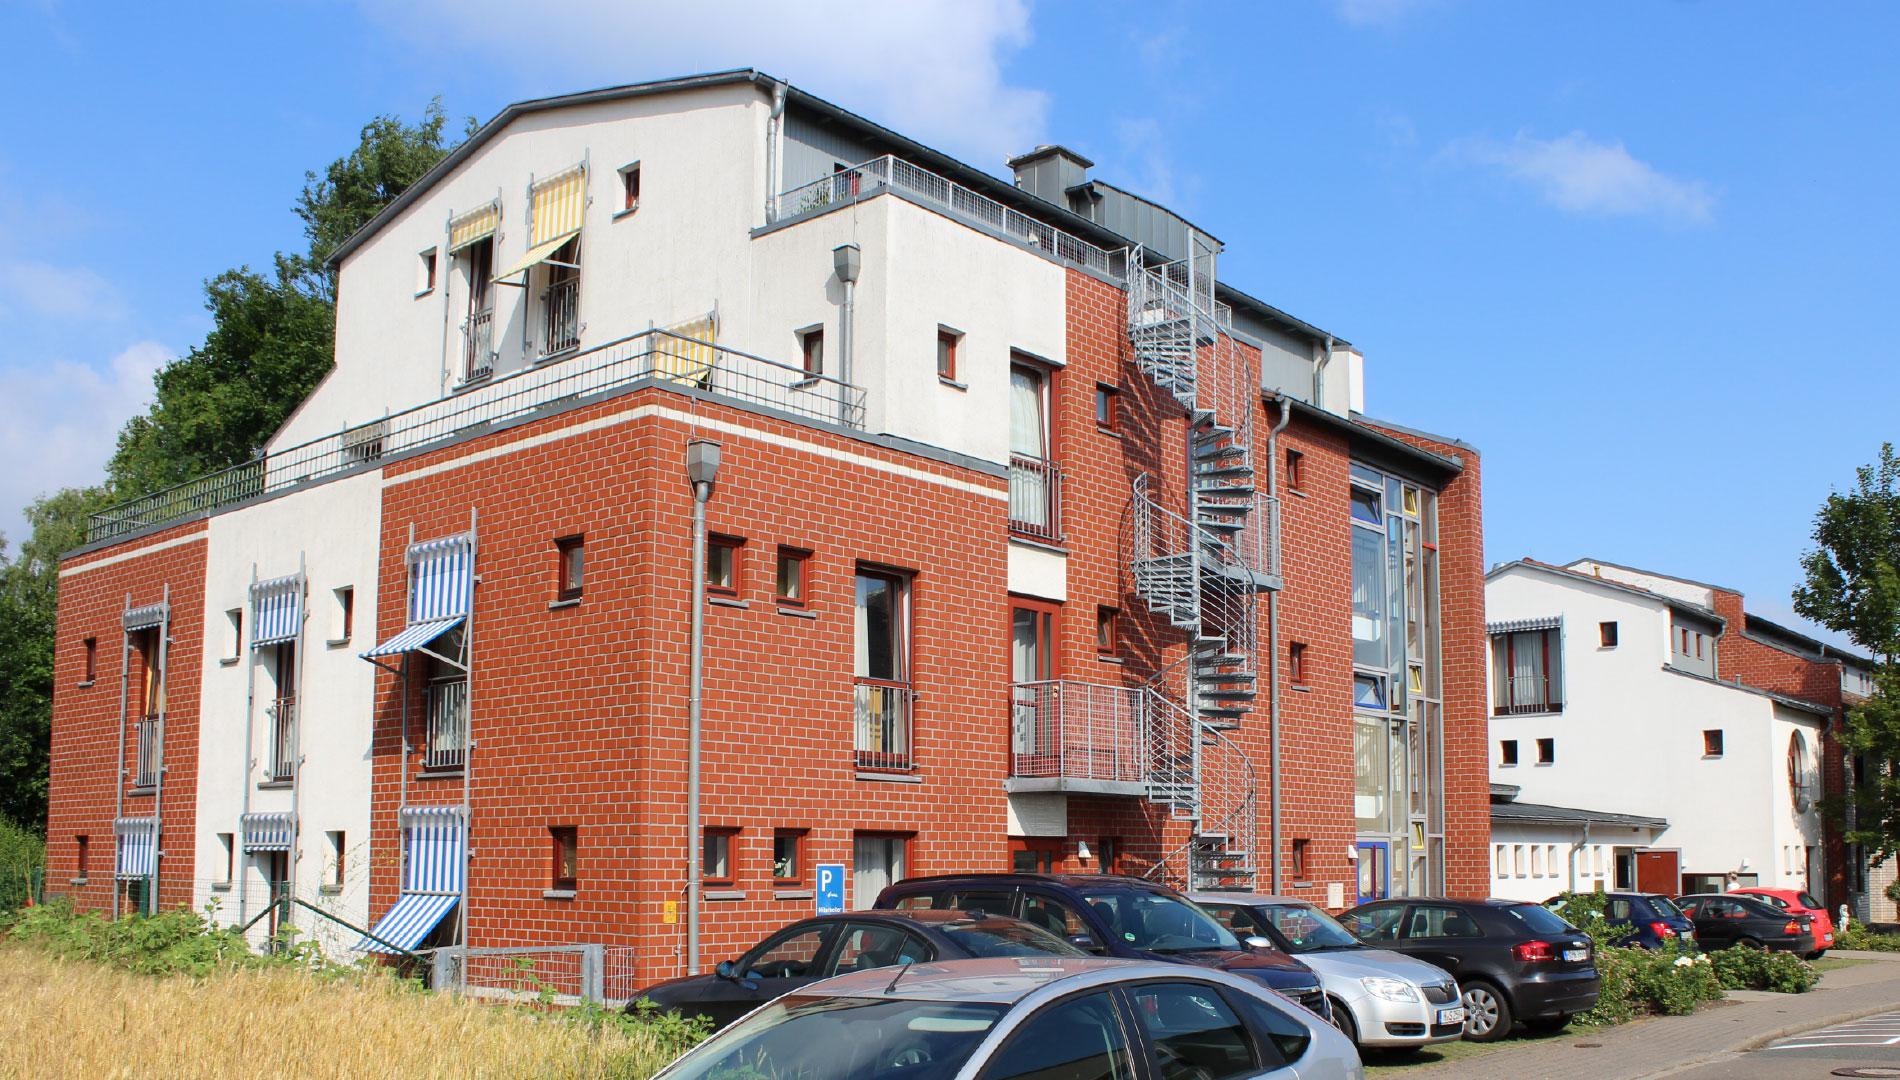 Stationäre Pflegeeinrichtung Alten & Pflegeheim Bredenbeck in Wennigsen